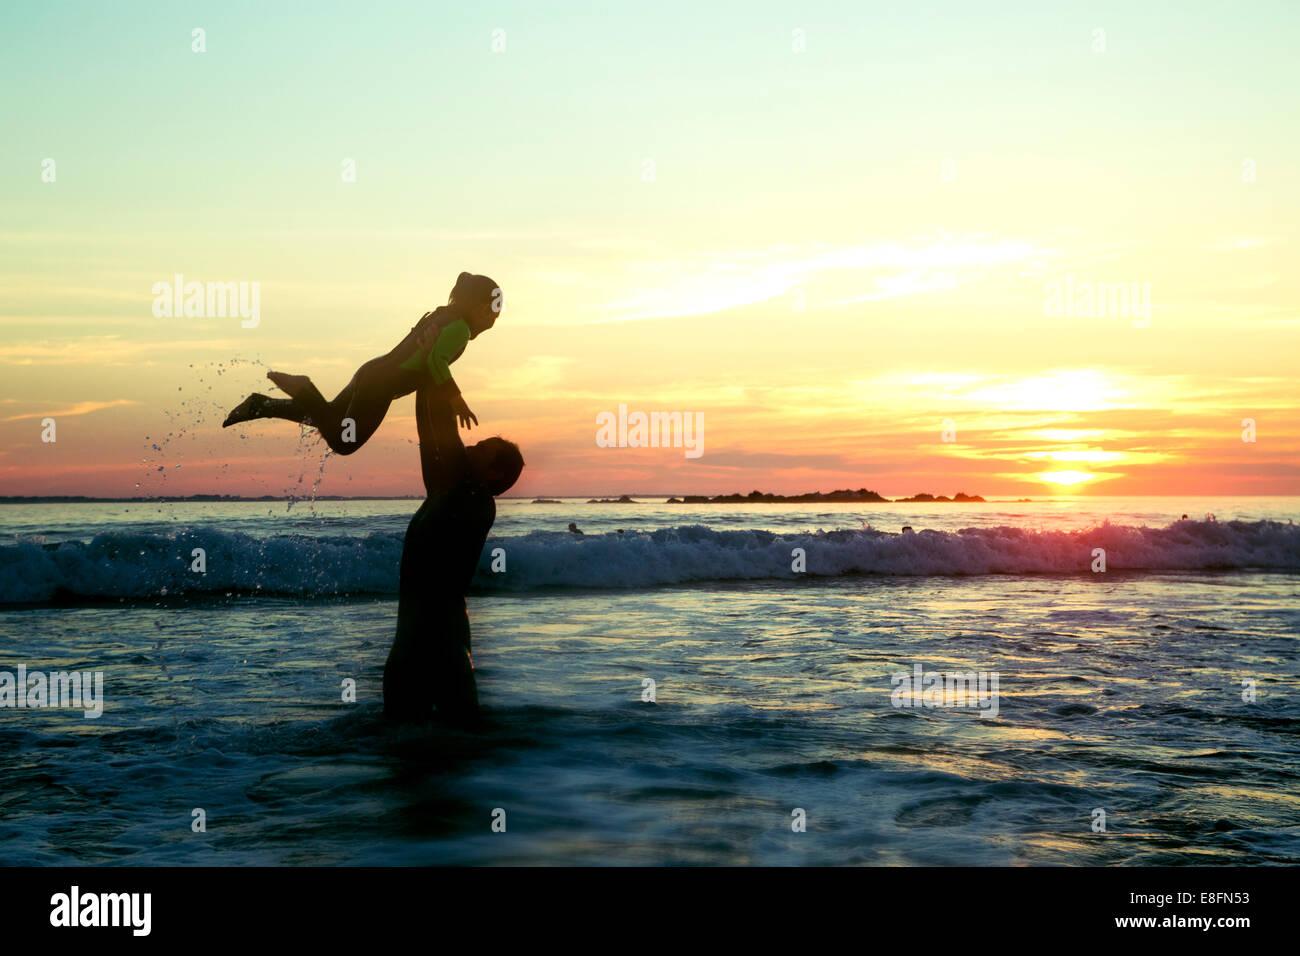 Sudáfrica, Western Cape, Ciudad del Cabo, la silueta del padre y de la hija (4-5) en la playa en el atardecer. Imagen De Stock